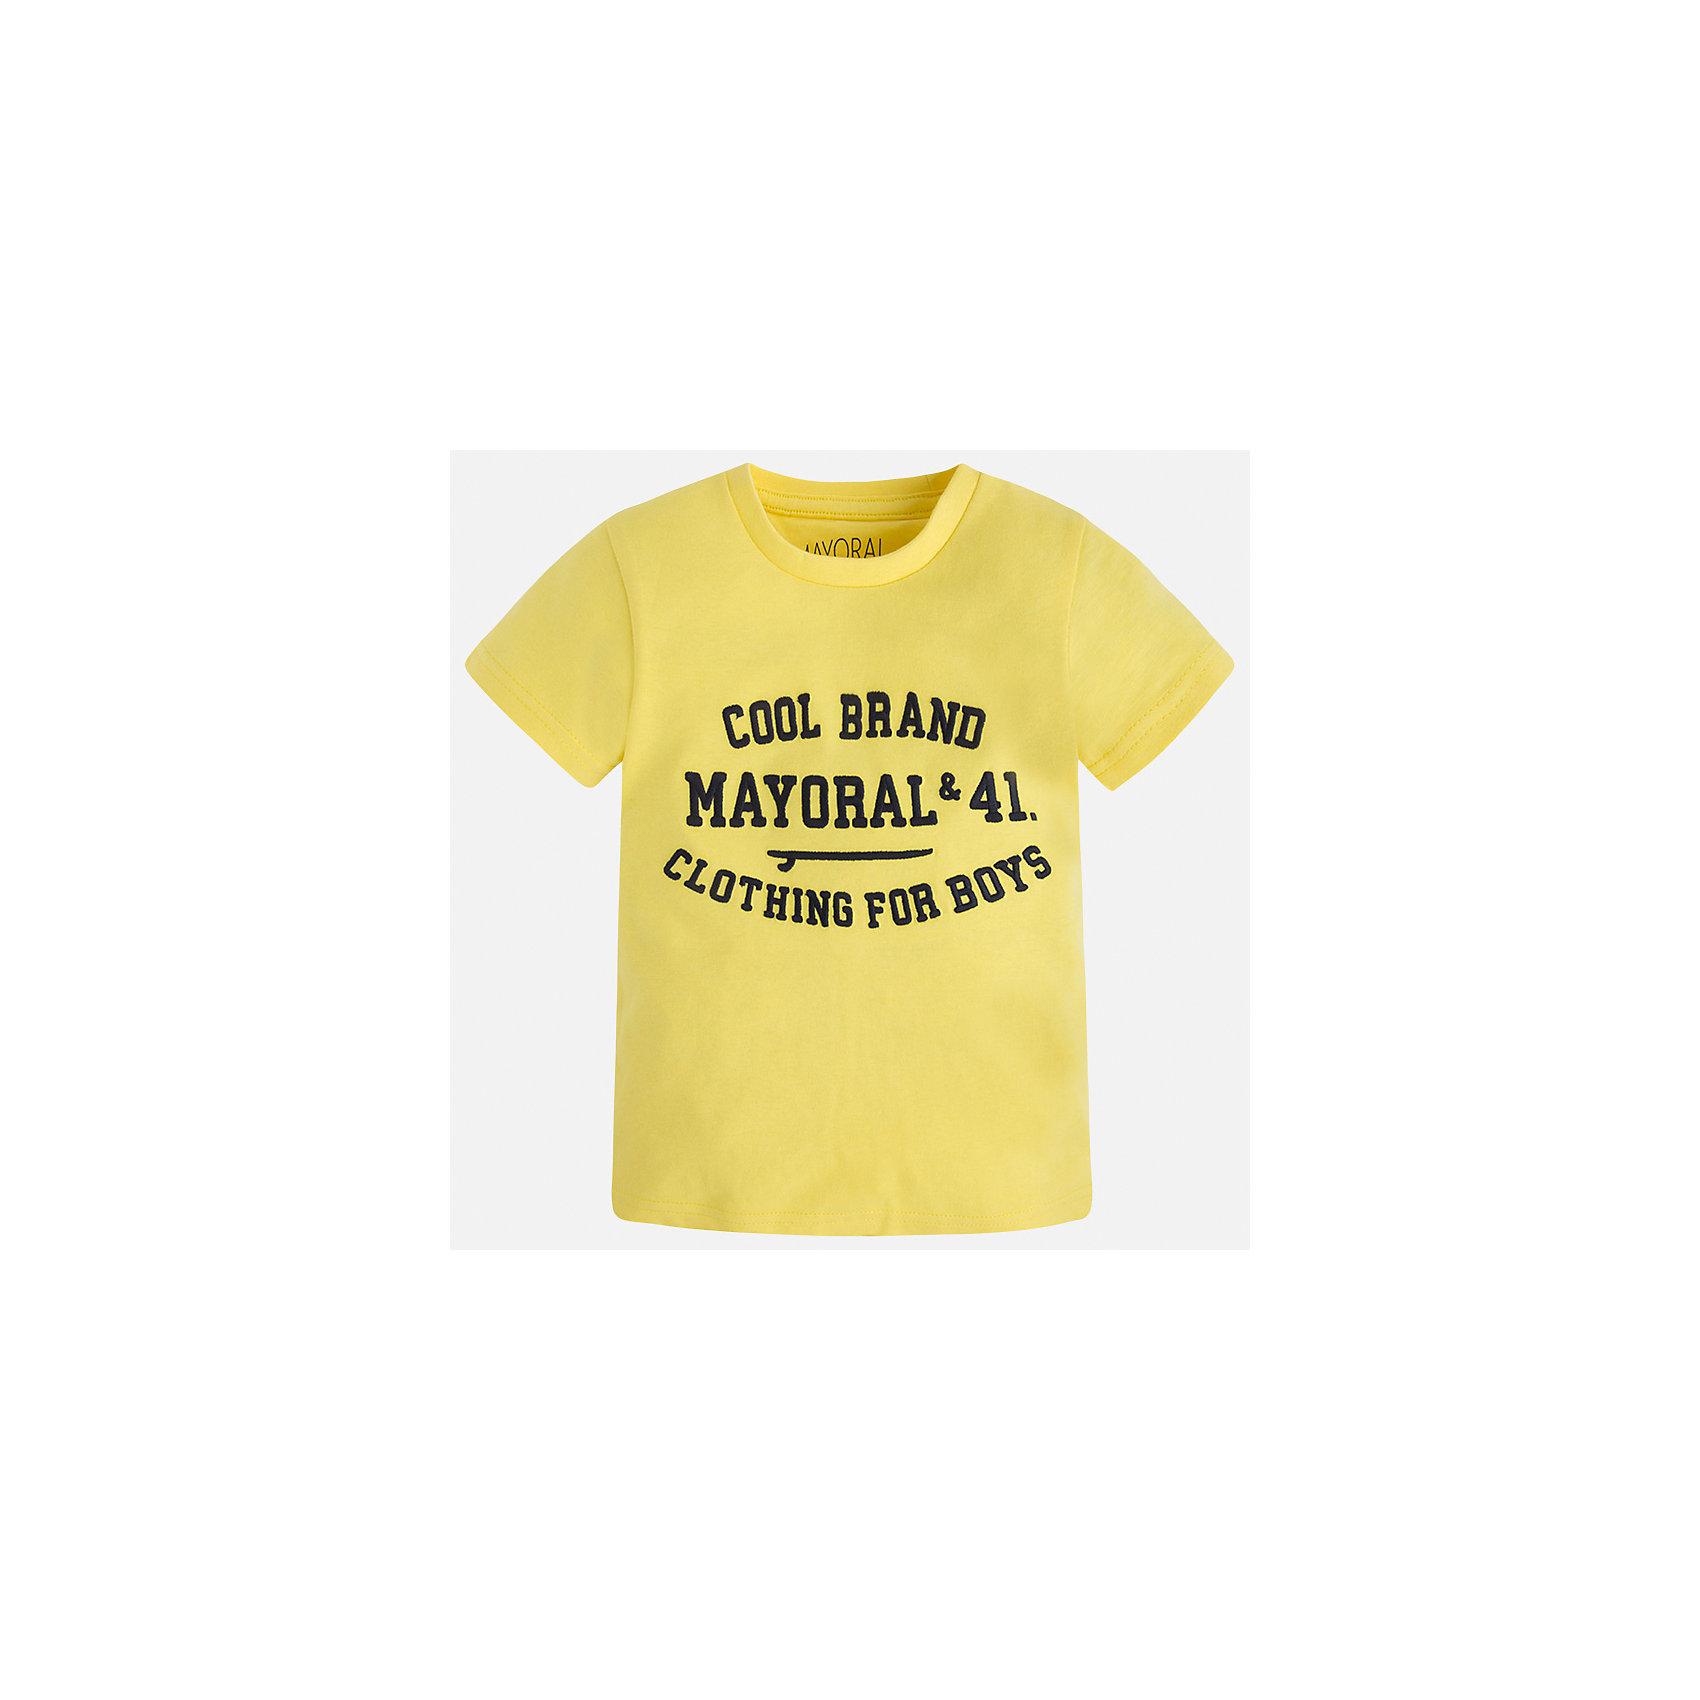 Футболка для мальчика MayoralФутболки, поло и топы<br>Характеристики товара:<br><br>• цвет: желтый<br>• состав: 100% хлопок<br>• мягкая отделка ворота<br>• короткие рукава<br>• округлая горловина<br>• декорирована принтом<br>• страна бренда: Испания<br><br>Стильная удобная футболка для мальчика может стать базовой вещью в гардеробе ребенка. Она отлично сочетается с брюками, шортами, джинсами. Универсальный крой и цвет позволяет подобрать к вещи низ разных расцветок. Практичное и стильное изделие! В составе материала - только натуральный хлопок, гипоаллергенный, приятный на ощупь, дышащий.<br><br>Одежда, обувь и аксессуары от испанского бренда Mayoral полюбились детям и взрослым по всему миру. Модели этой марки - стильные и удобные. Для их производства используются только безопасные, качественные материалы и фурнитура. Порадуйте ребенка модными и красивыми вещами от Mayoral! <br><br>Футболку для мальчика от испанского бренда Mayoral (Майорал) можно купить в нашем интернет-магазине.<br><br>Ширина мм: 199<br>Глубина мм: 10<br>Высота мм: 161<br>Вес г: 151<br>Цвет: желтый<br>Возраст от месяцев: 24<br>Возраст до месяцев: 36<br>Пол: Мужской<br>Возраст: Детский<br>Размер: 98,134,128,122,116,110,104,92<br>SKU: 5277839